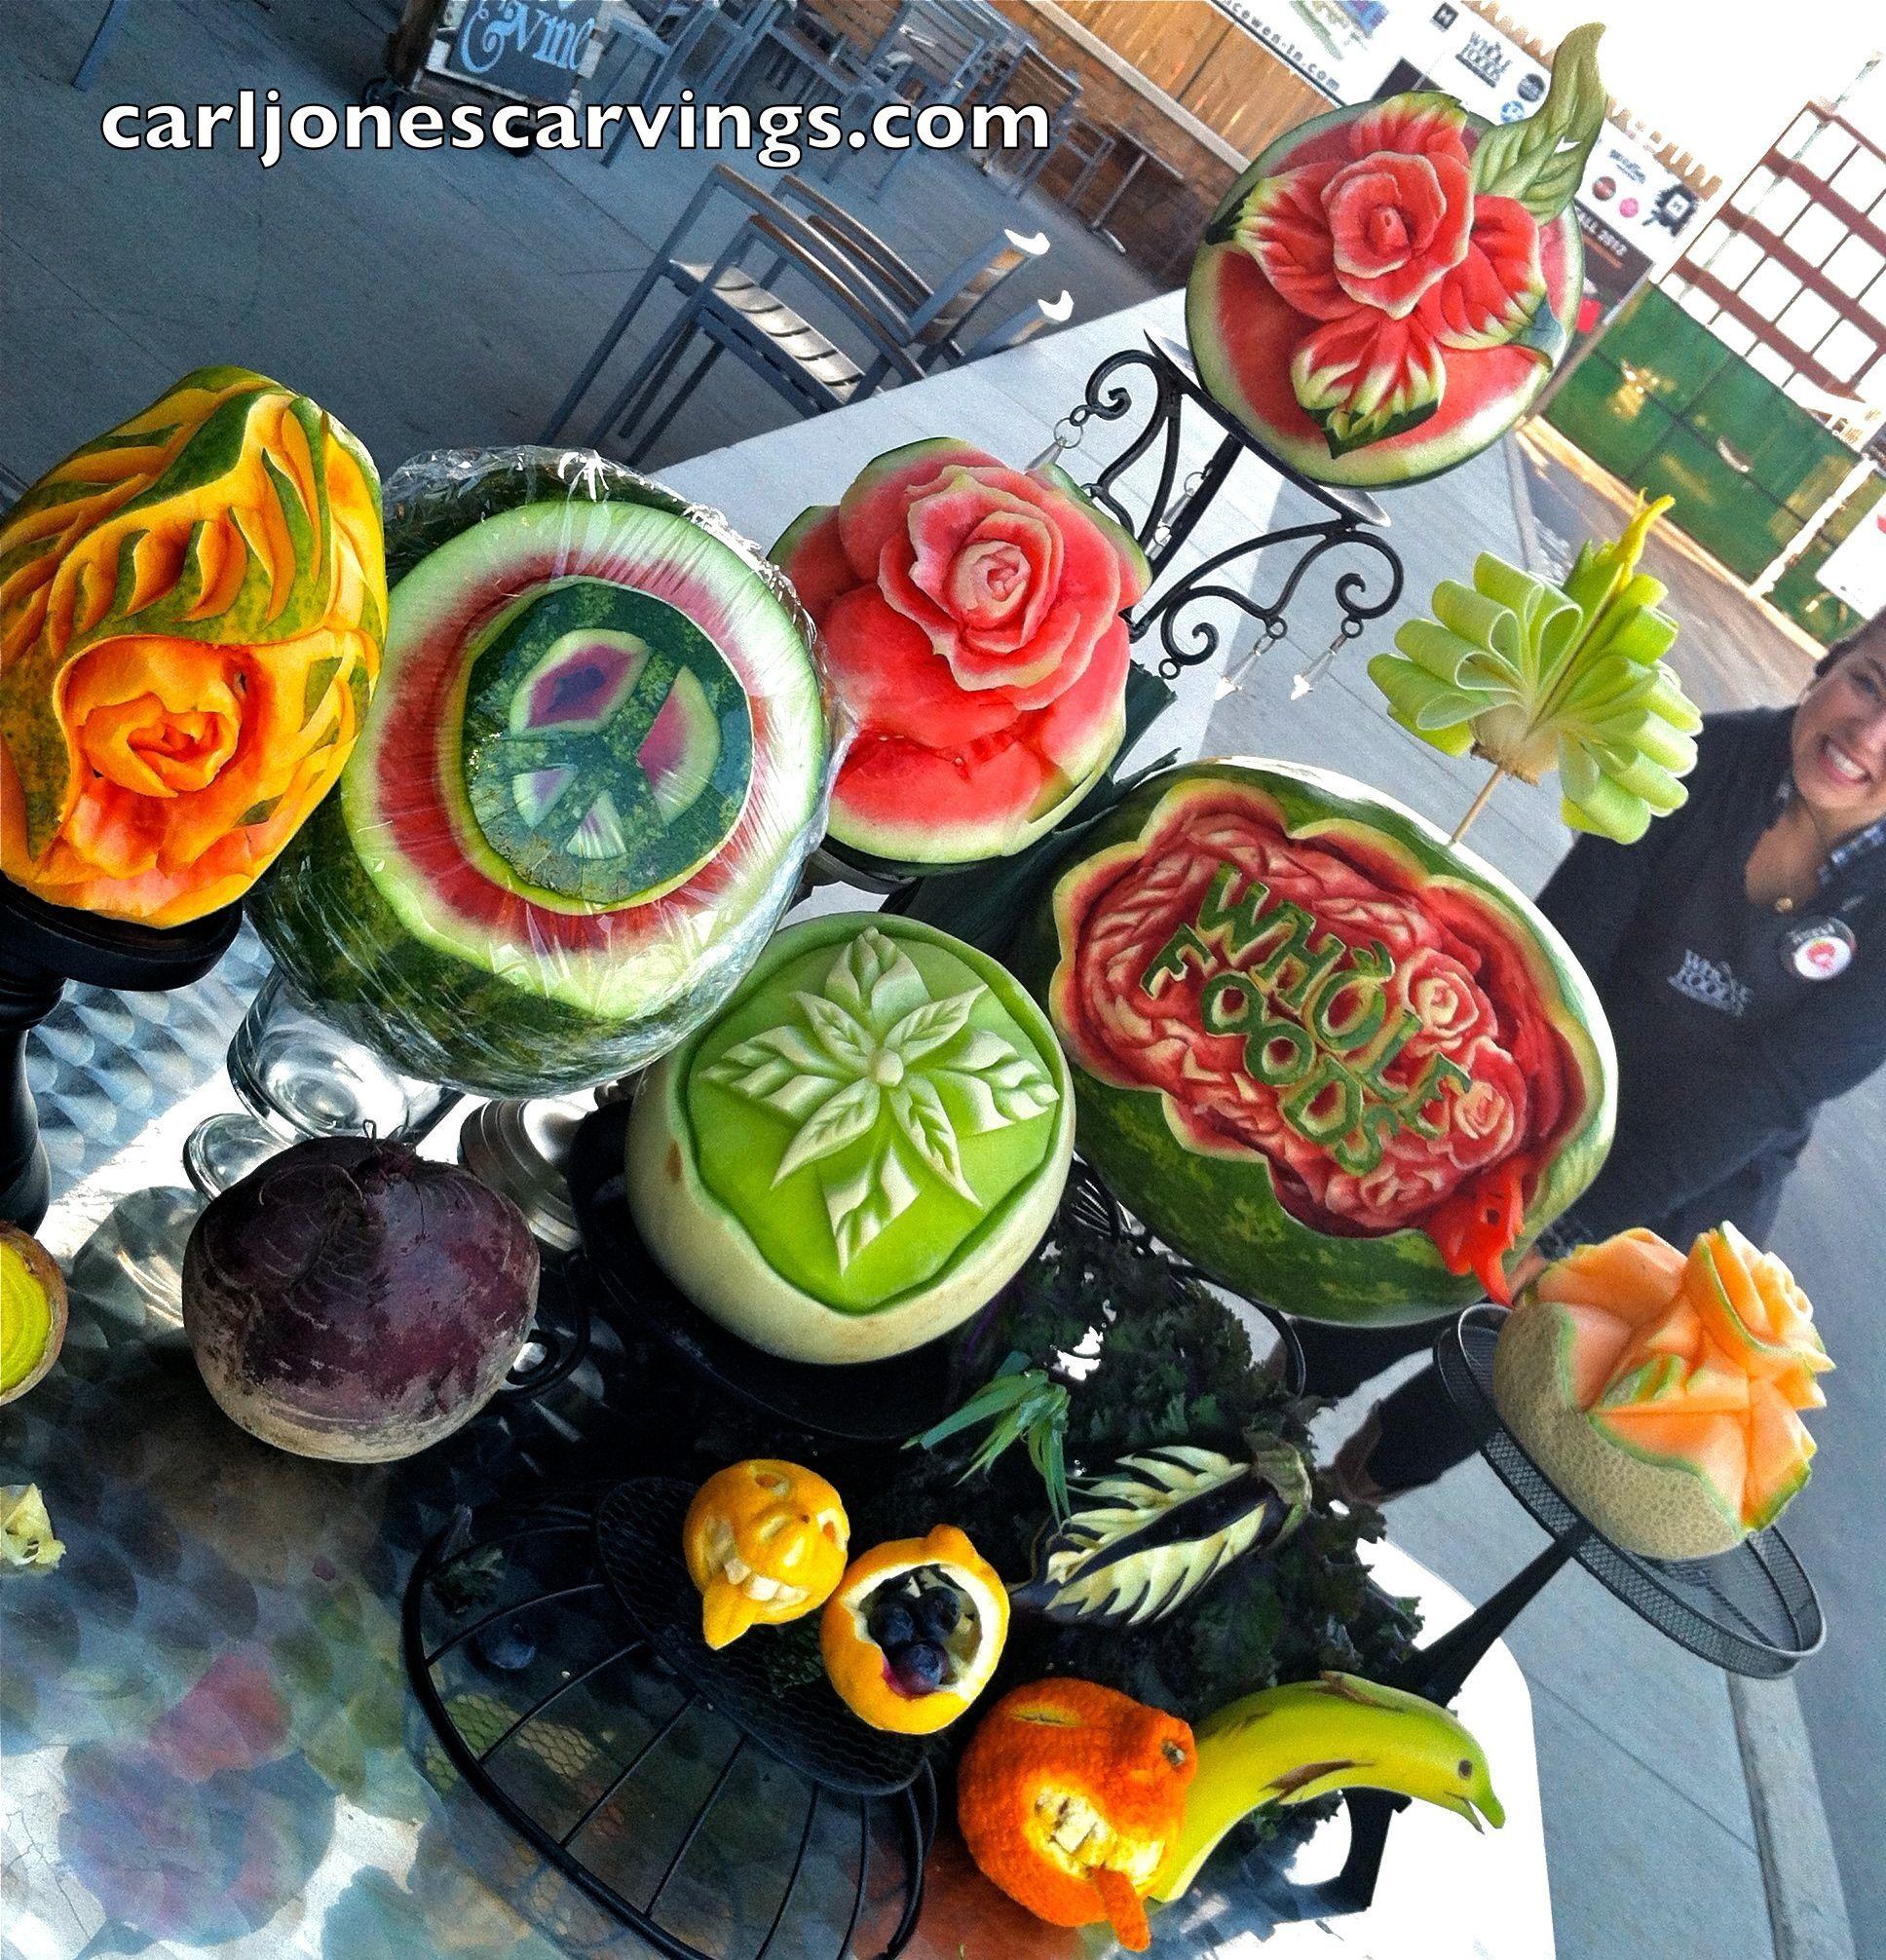 Food artistry whole foods market in franklin tn